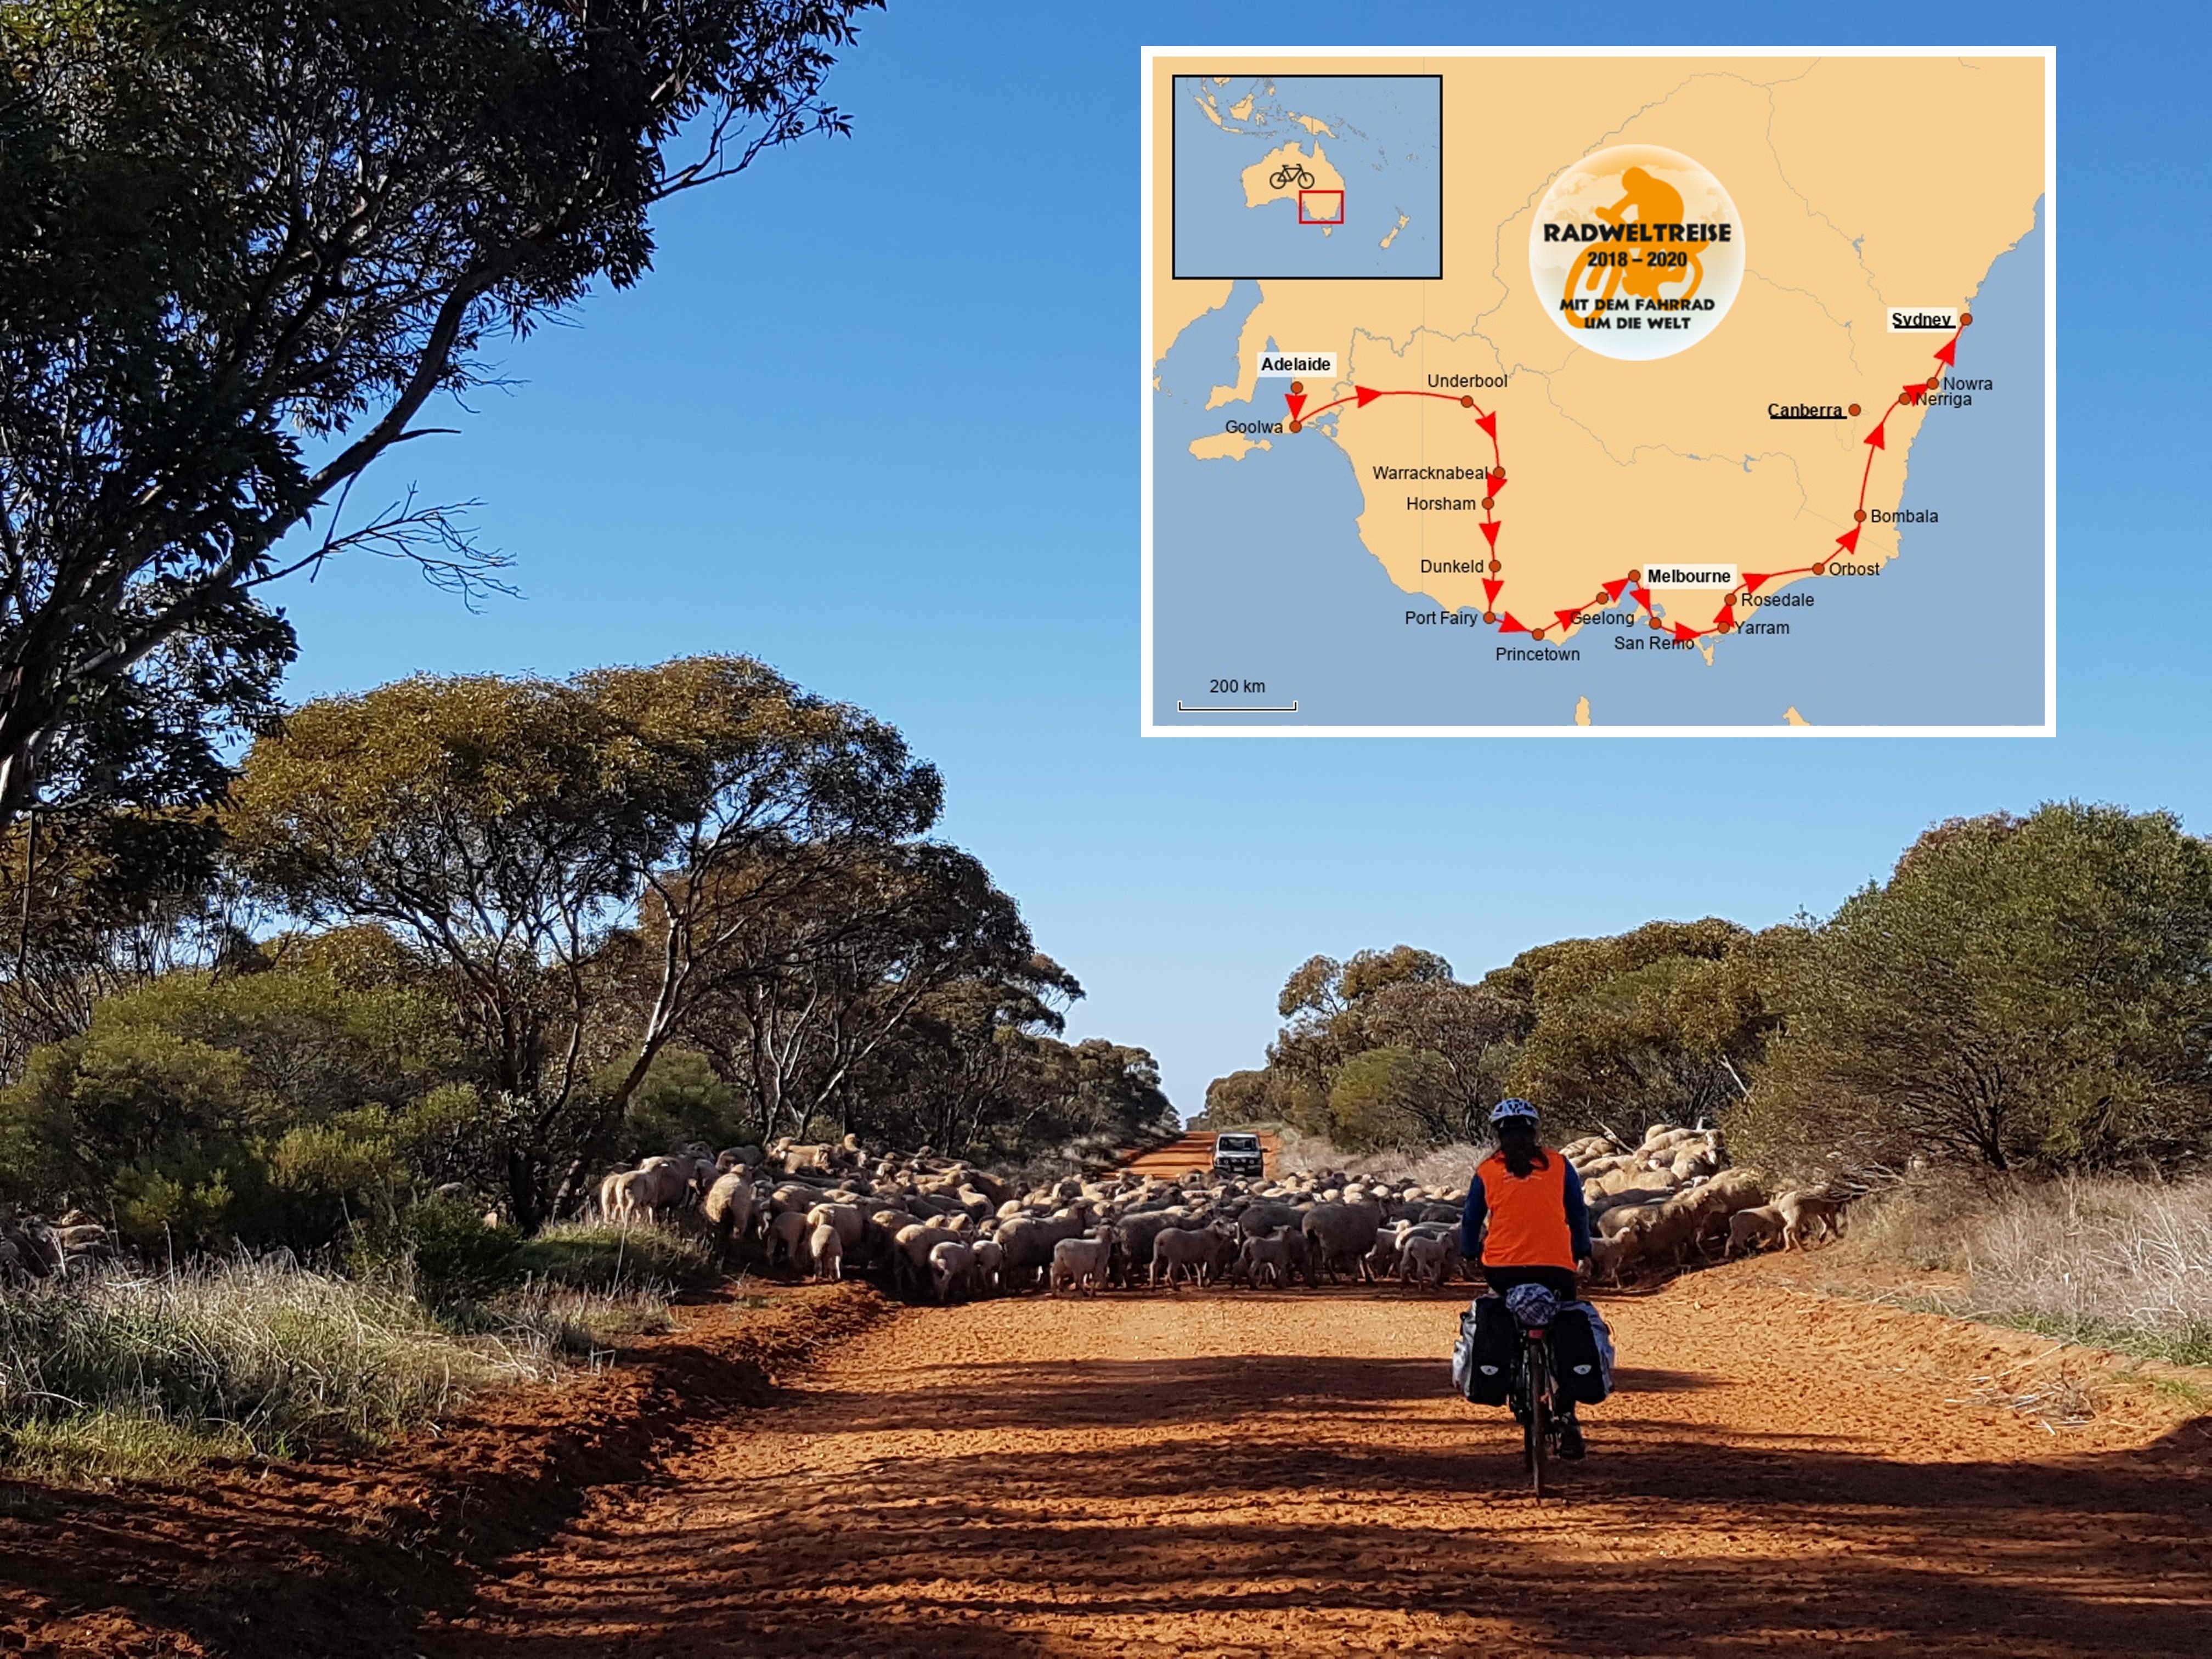 4. Etappe: Australien